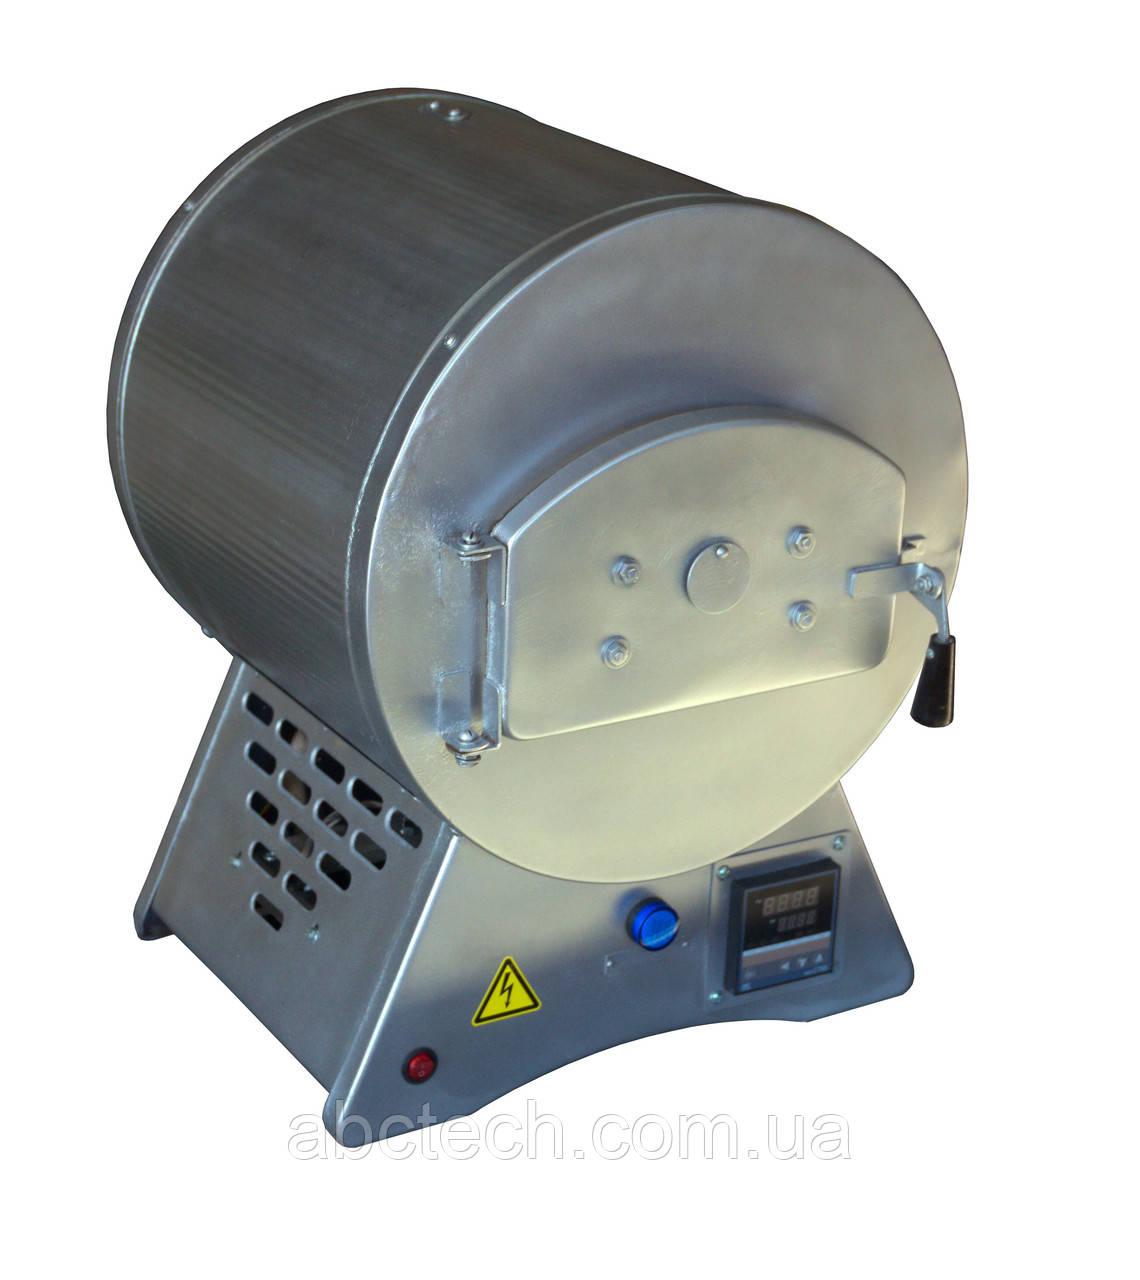 Лабораторная муфельная печь для определения зольности пеллеты, зольности муки